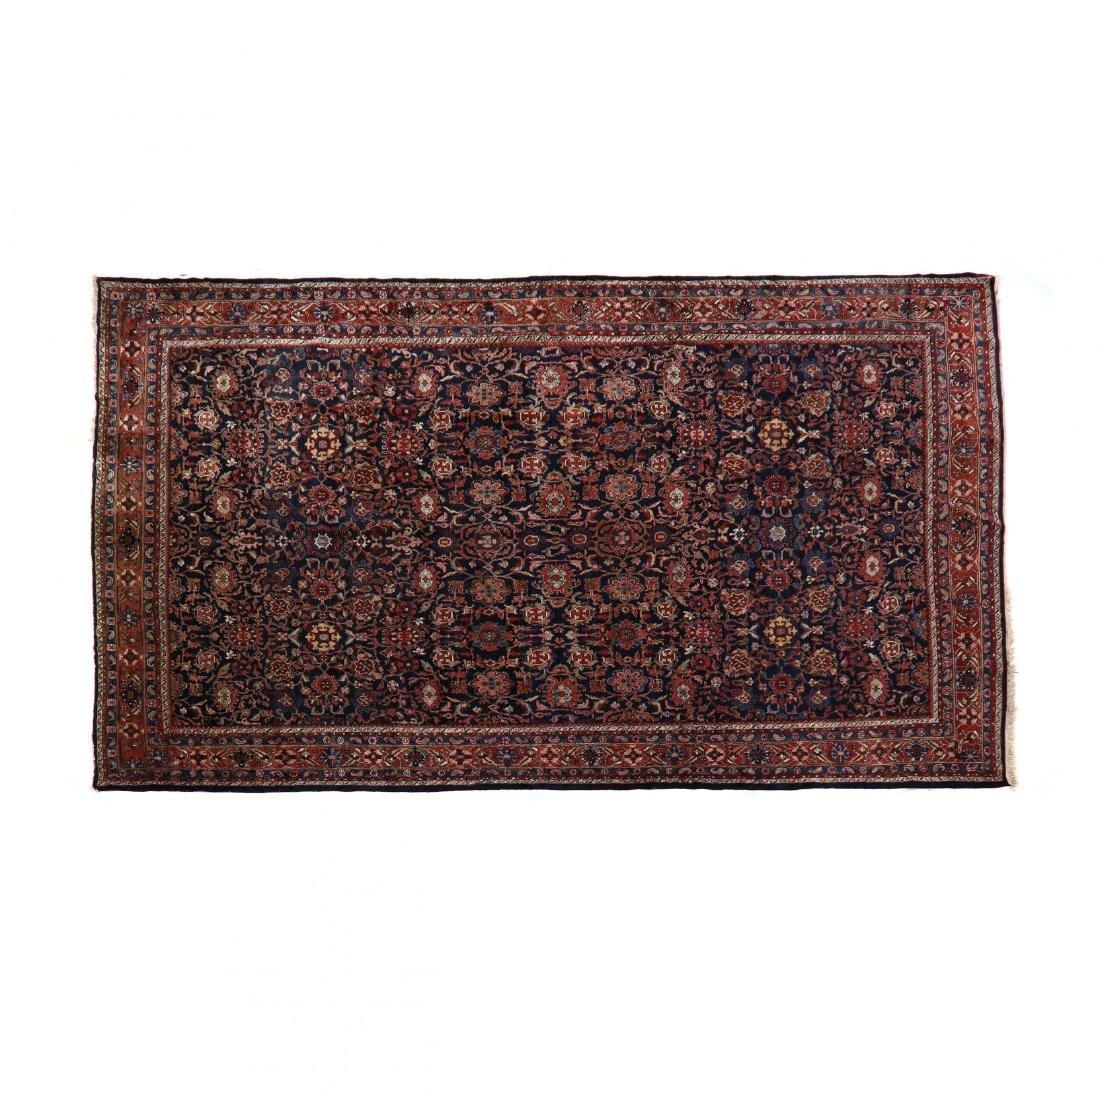 Semi Antique Bakhtiari Carpet